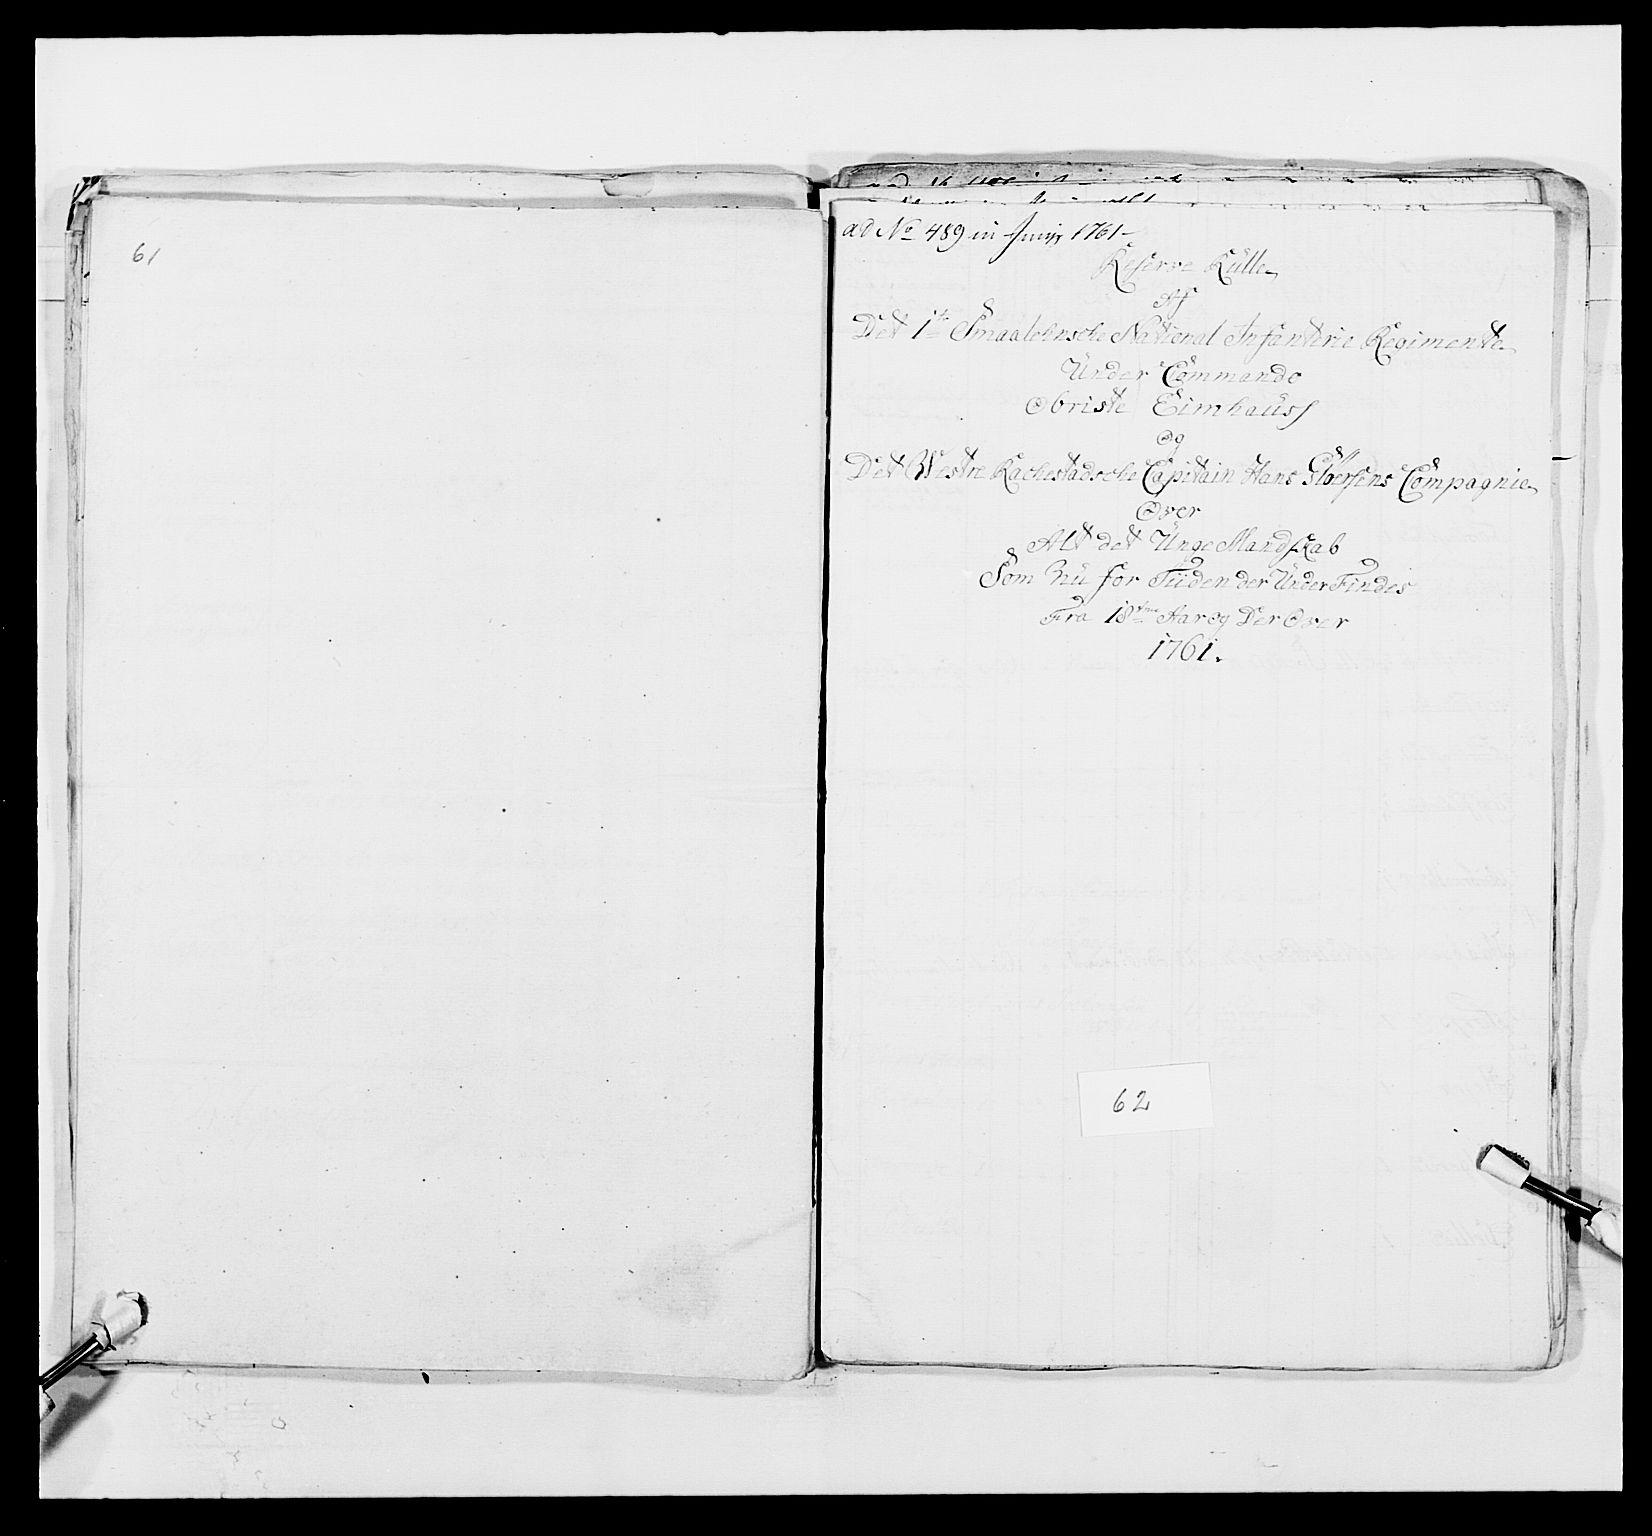 RA, Kommanderende general (KG I) med Det norske krigsdirektorium, E/Ea/L0495: 1. Smålenske regiment, 1732-1763, s. 782